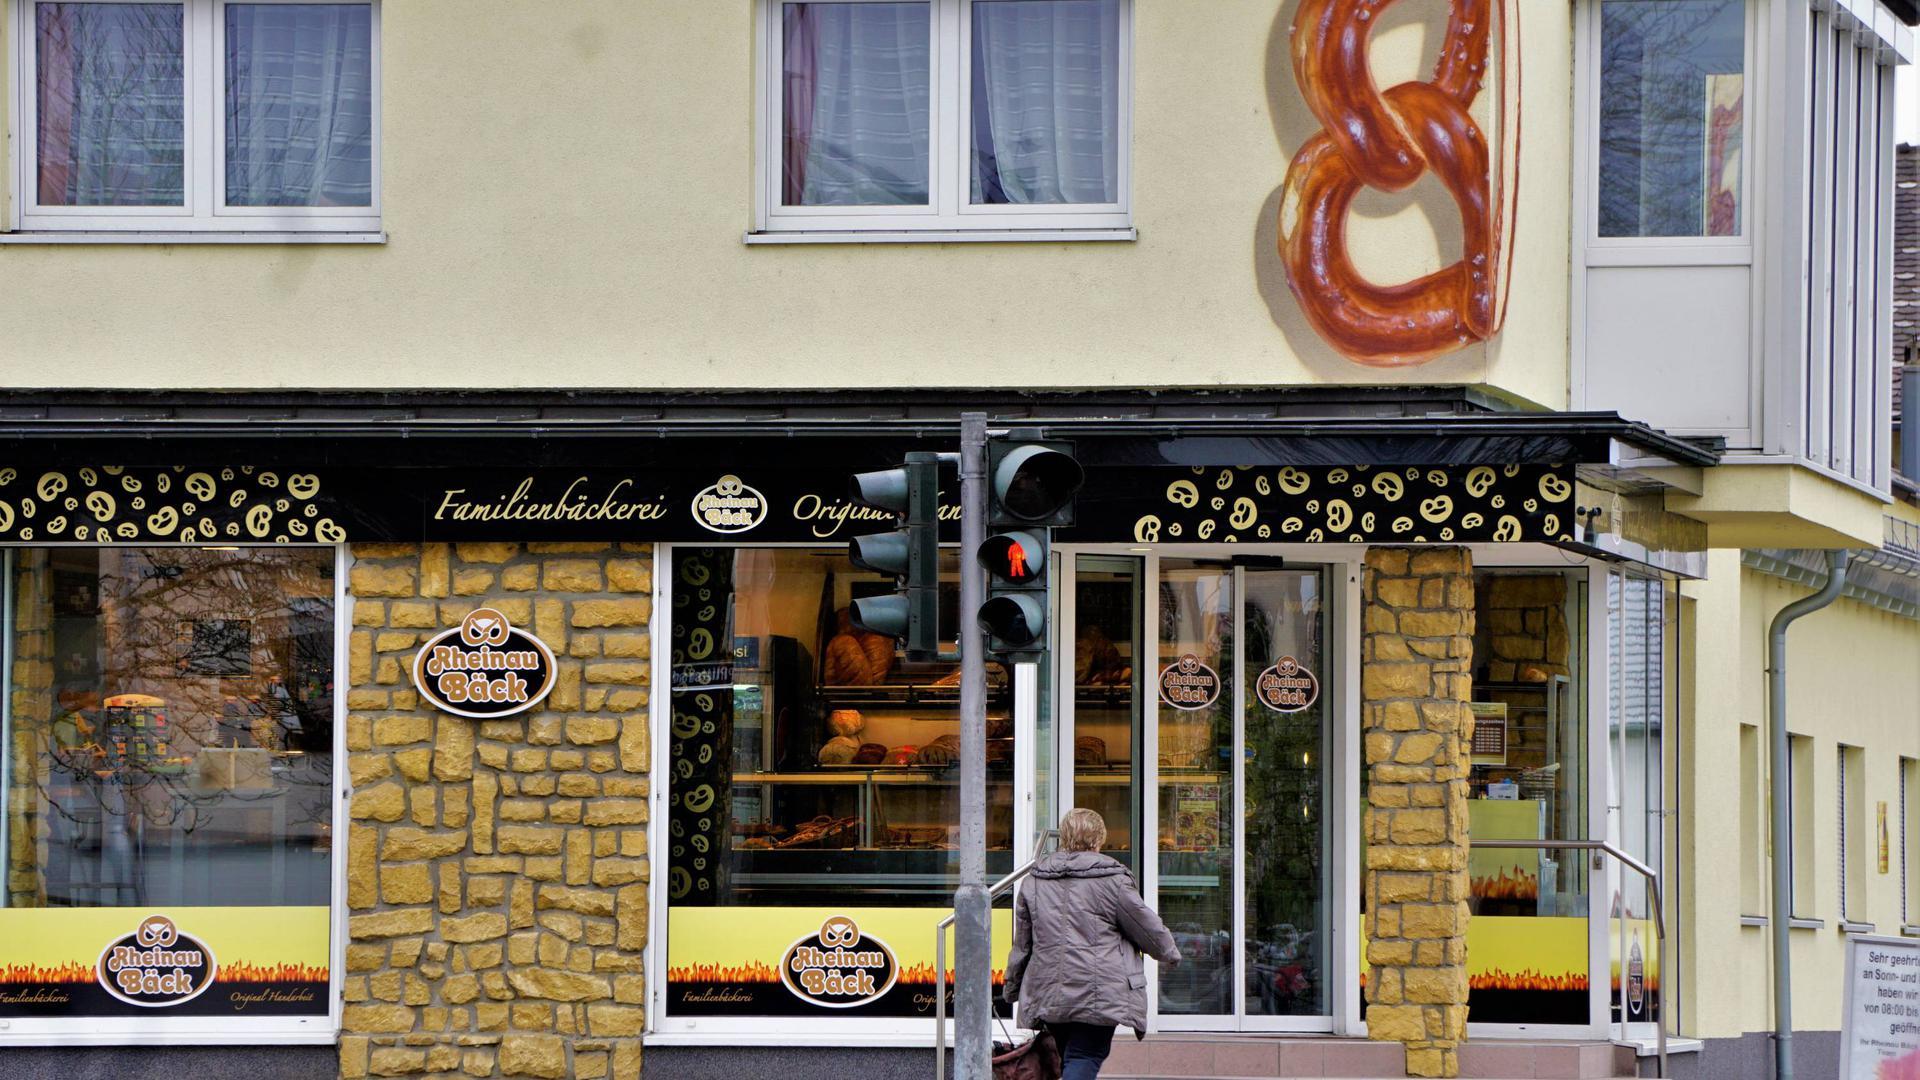 """Die Brezel geht, der rote Stern kommt: Aus Altersgründen übergibt der """"Rheinau-Bäck"""" Bernhard Weyand sein Unternehmen an die Karlsruher Bäckereikette Hatz."""